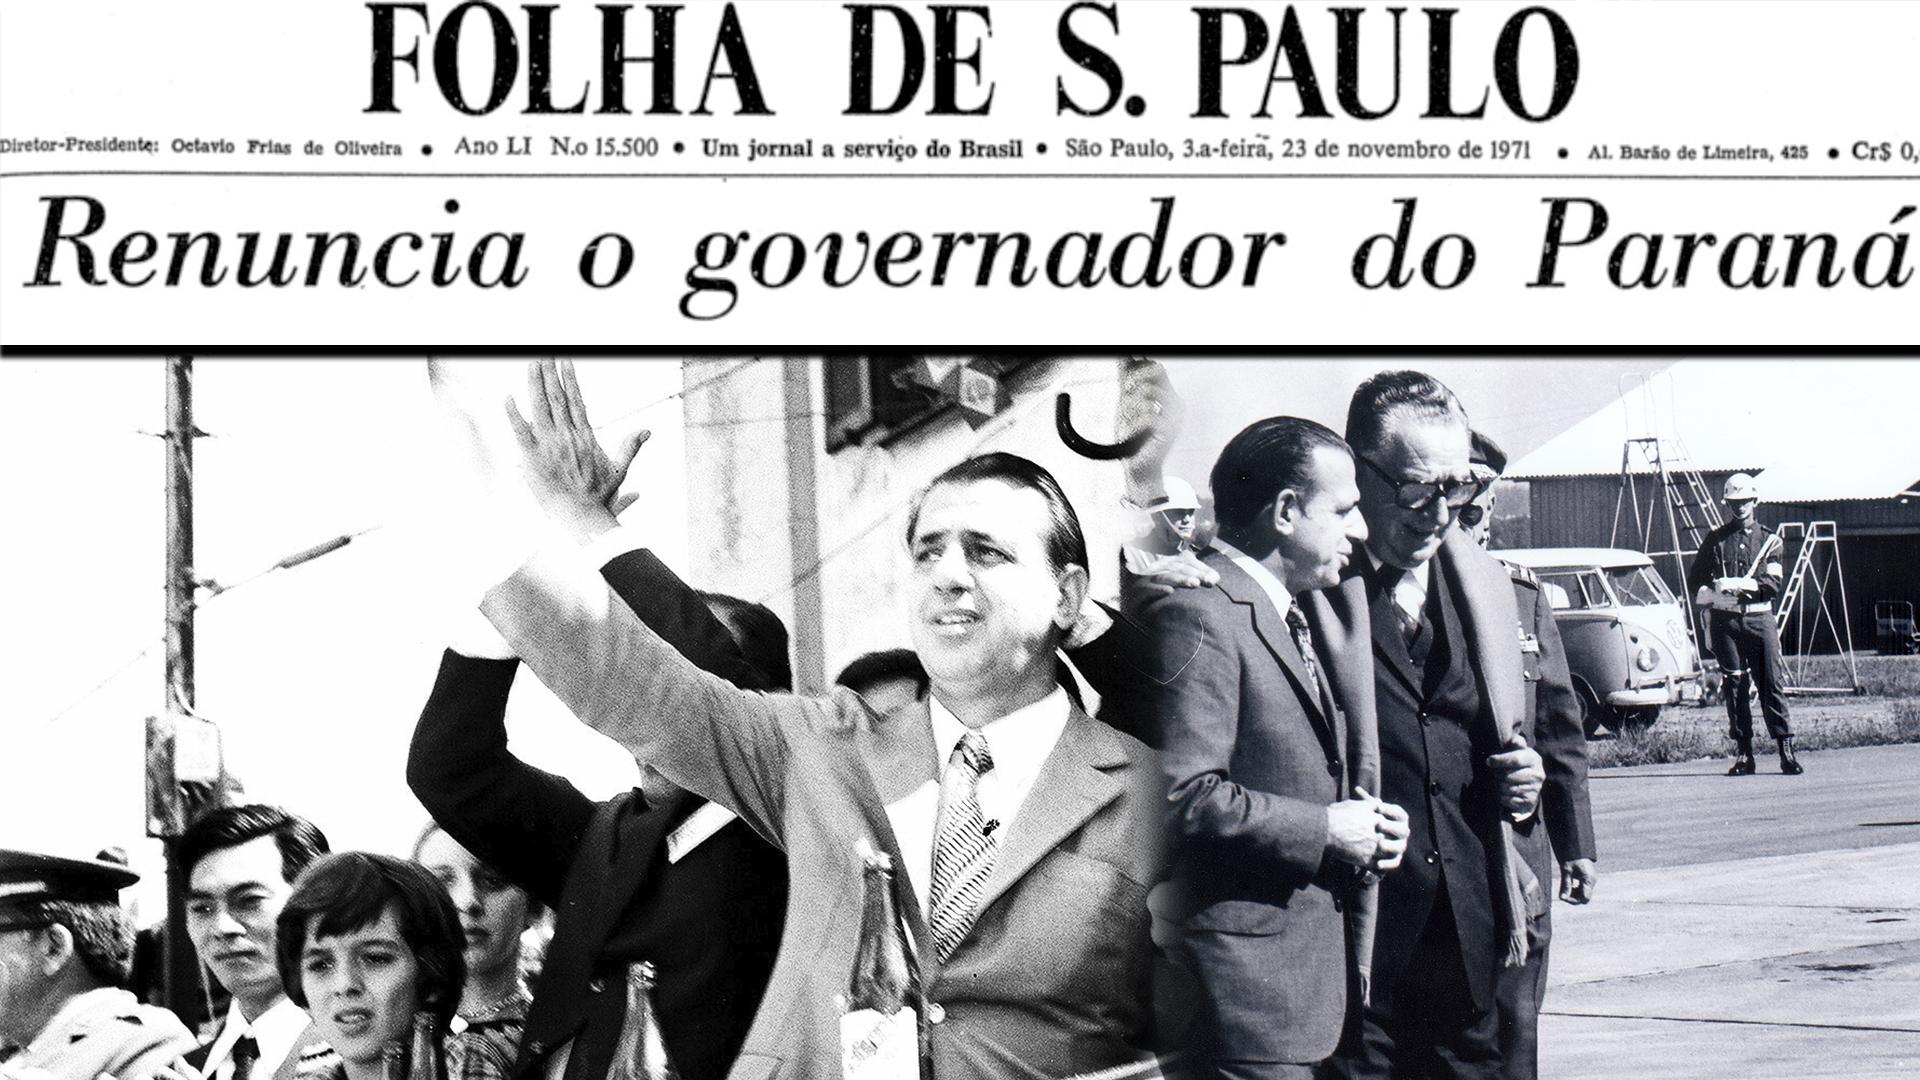 Haroldo Leon Peres: a renúncia do governador do Paraná